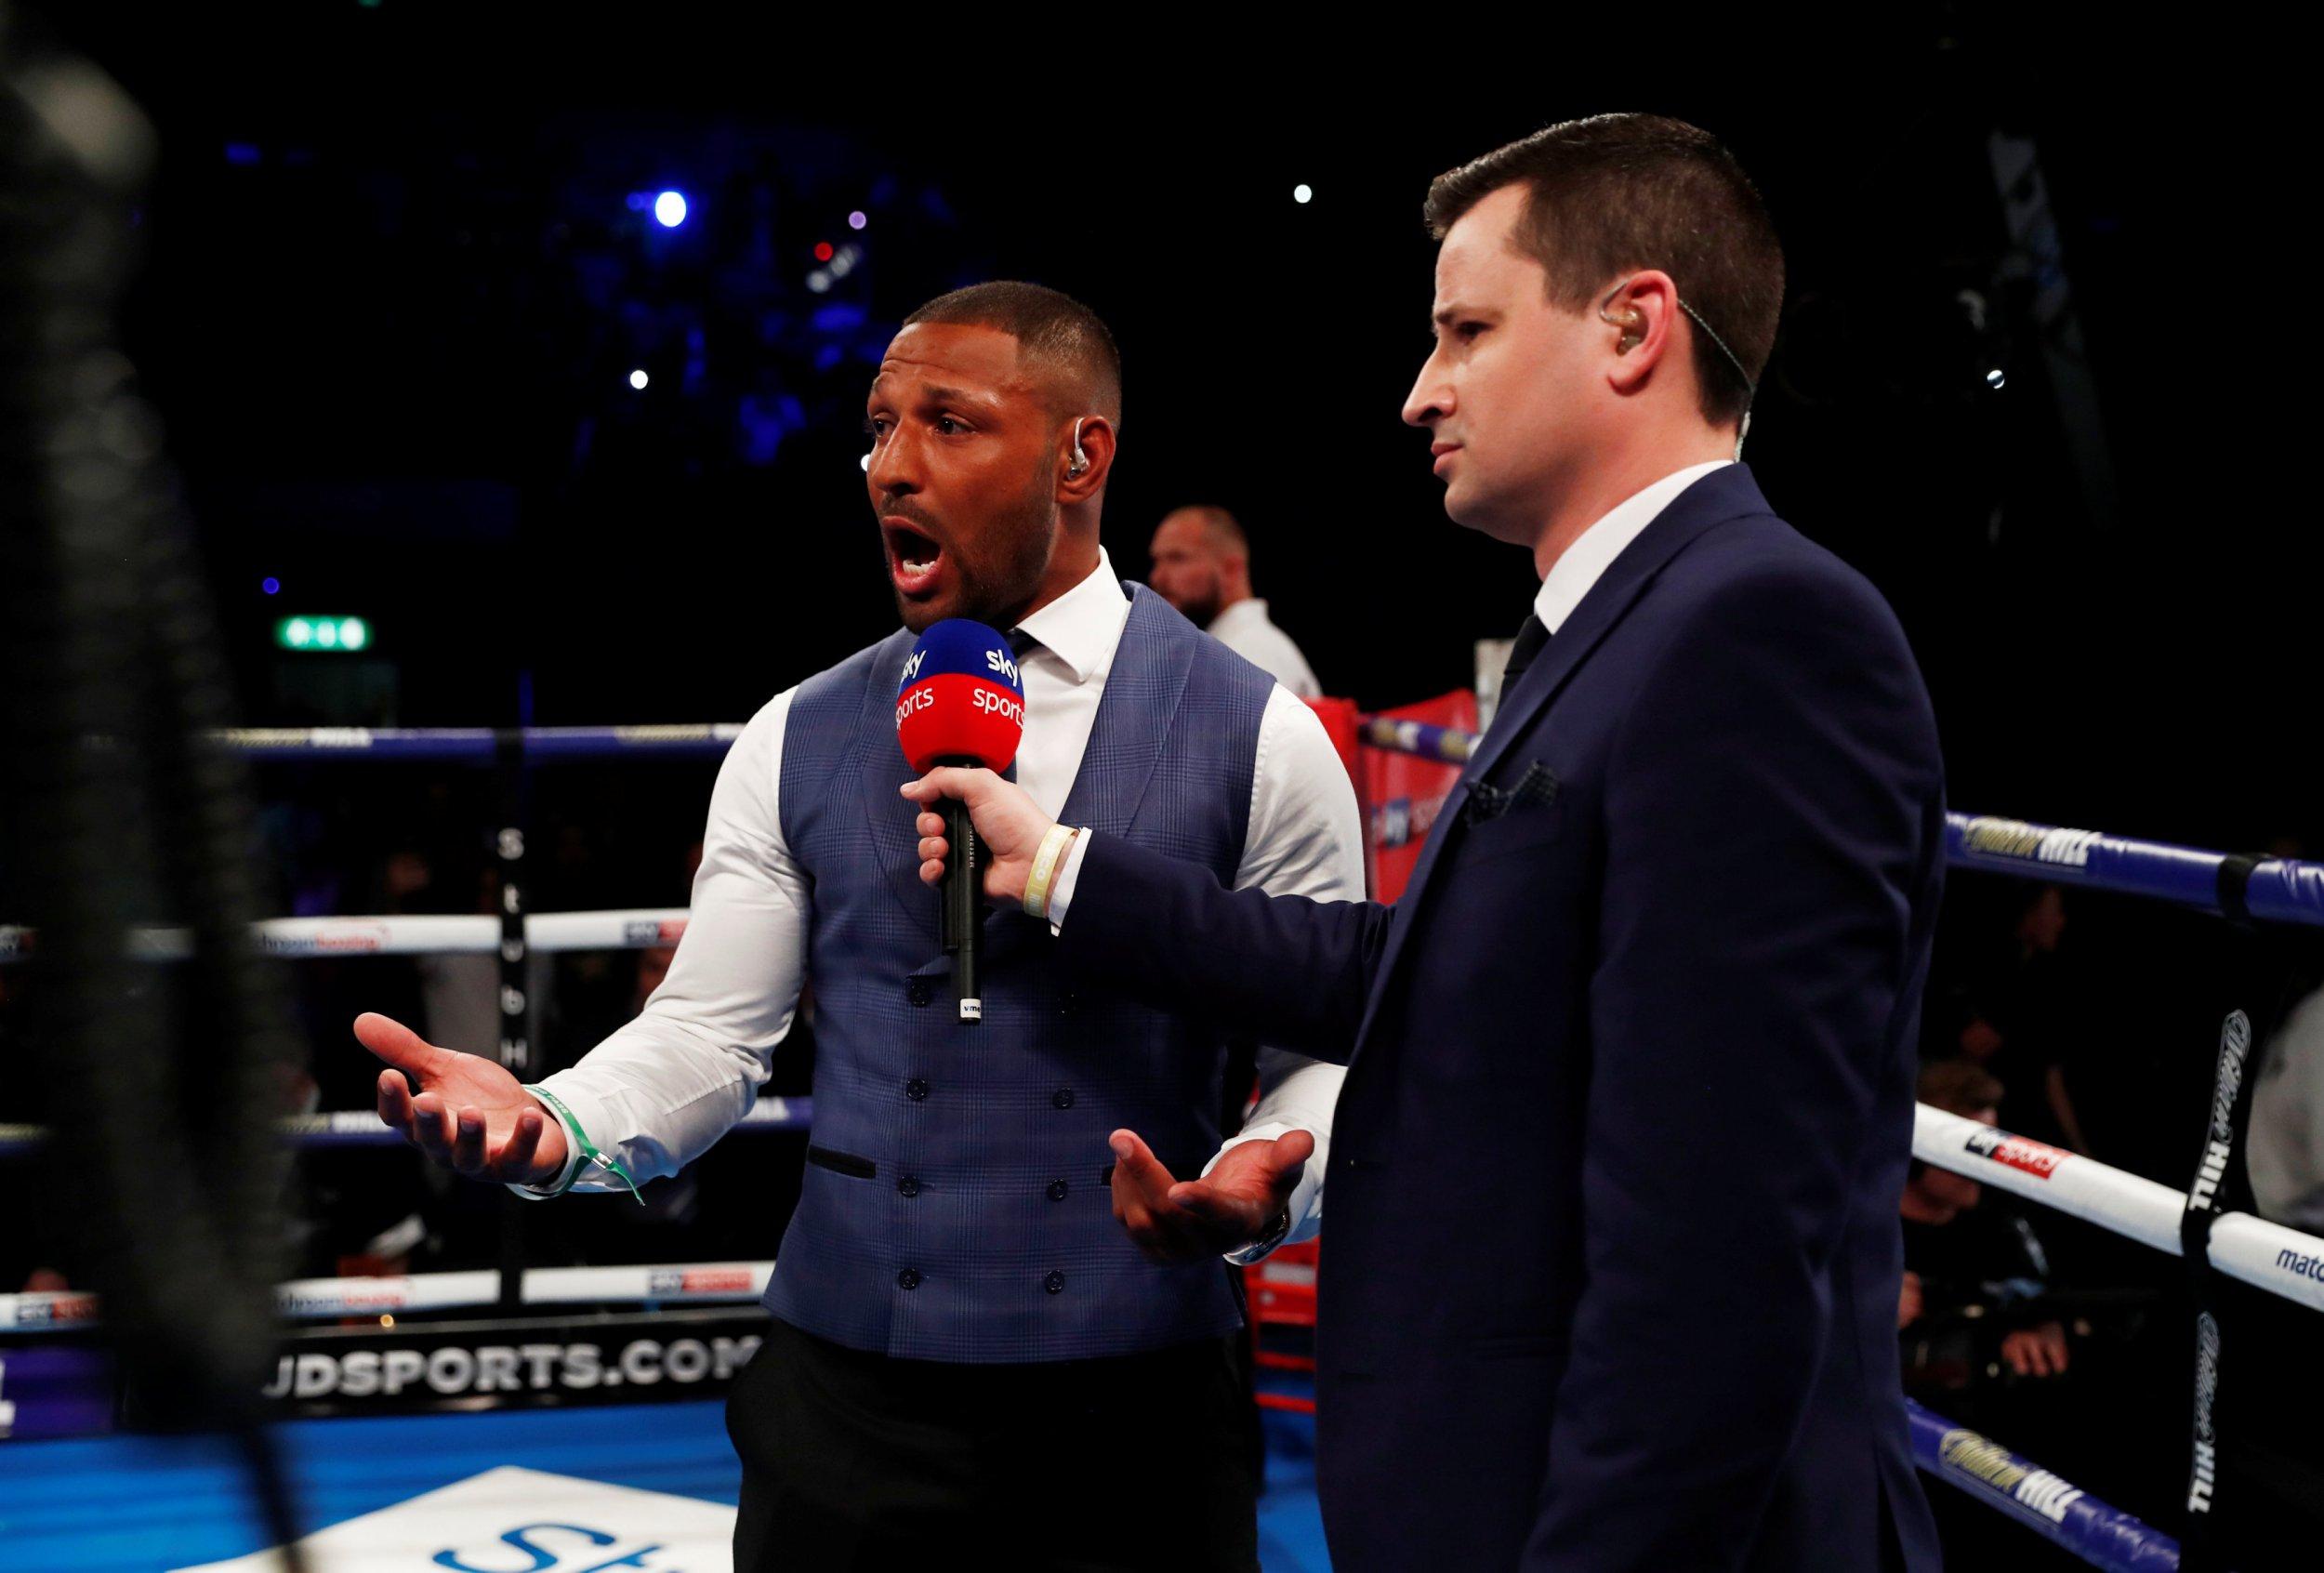 IBF and WBA (Super) champion Jarrett Hurd 'targeting' Kell Brook fight